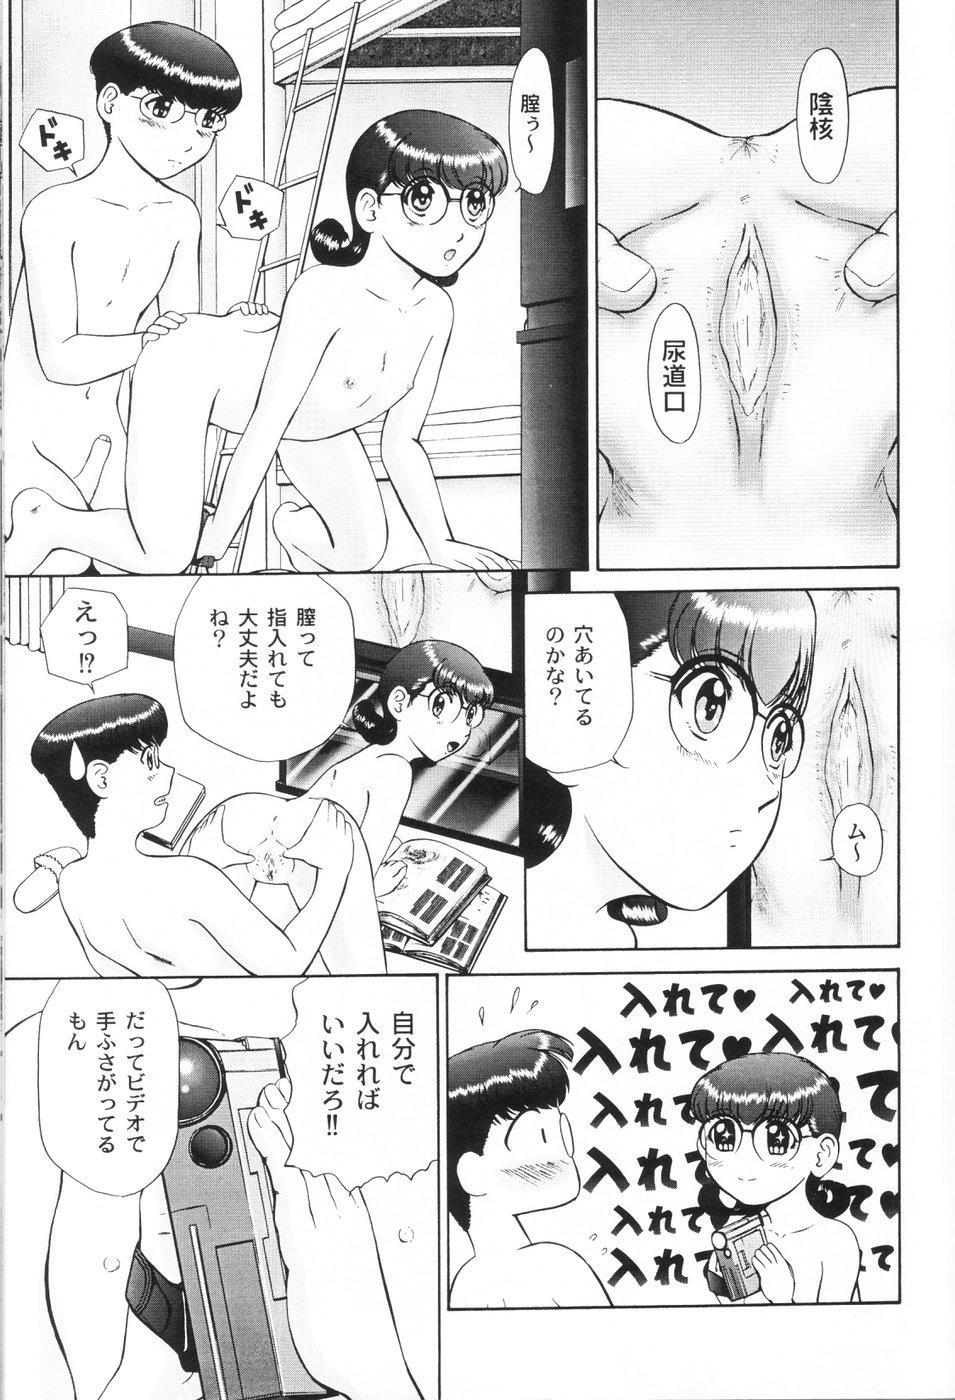 Koneko Genki!! - Powerful Pussycat!! 124